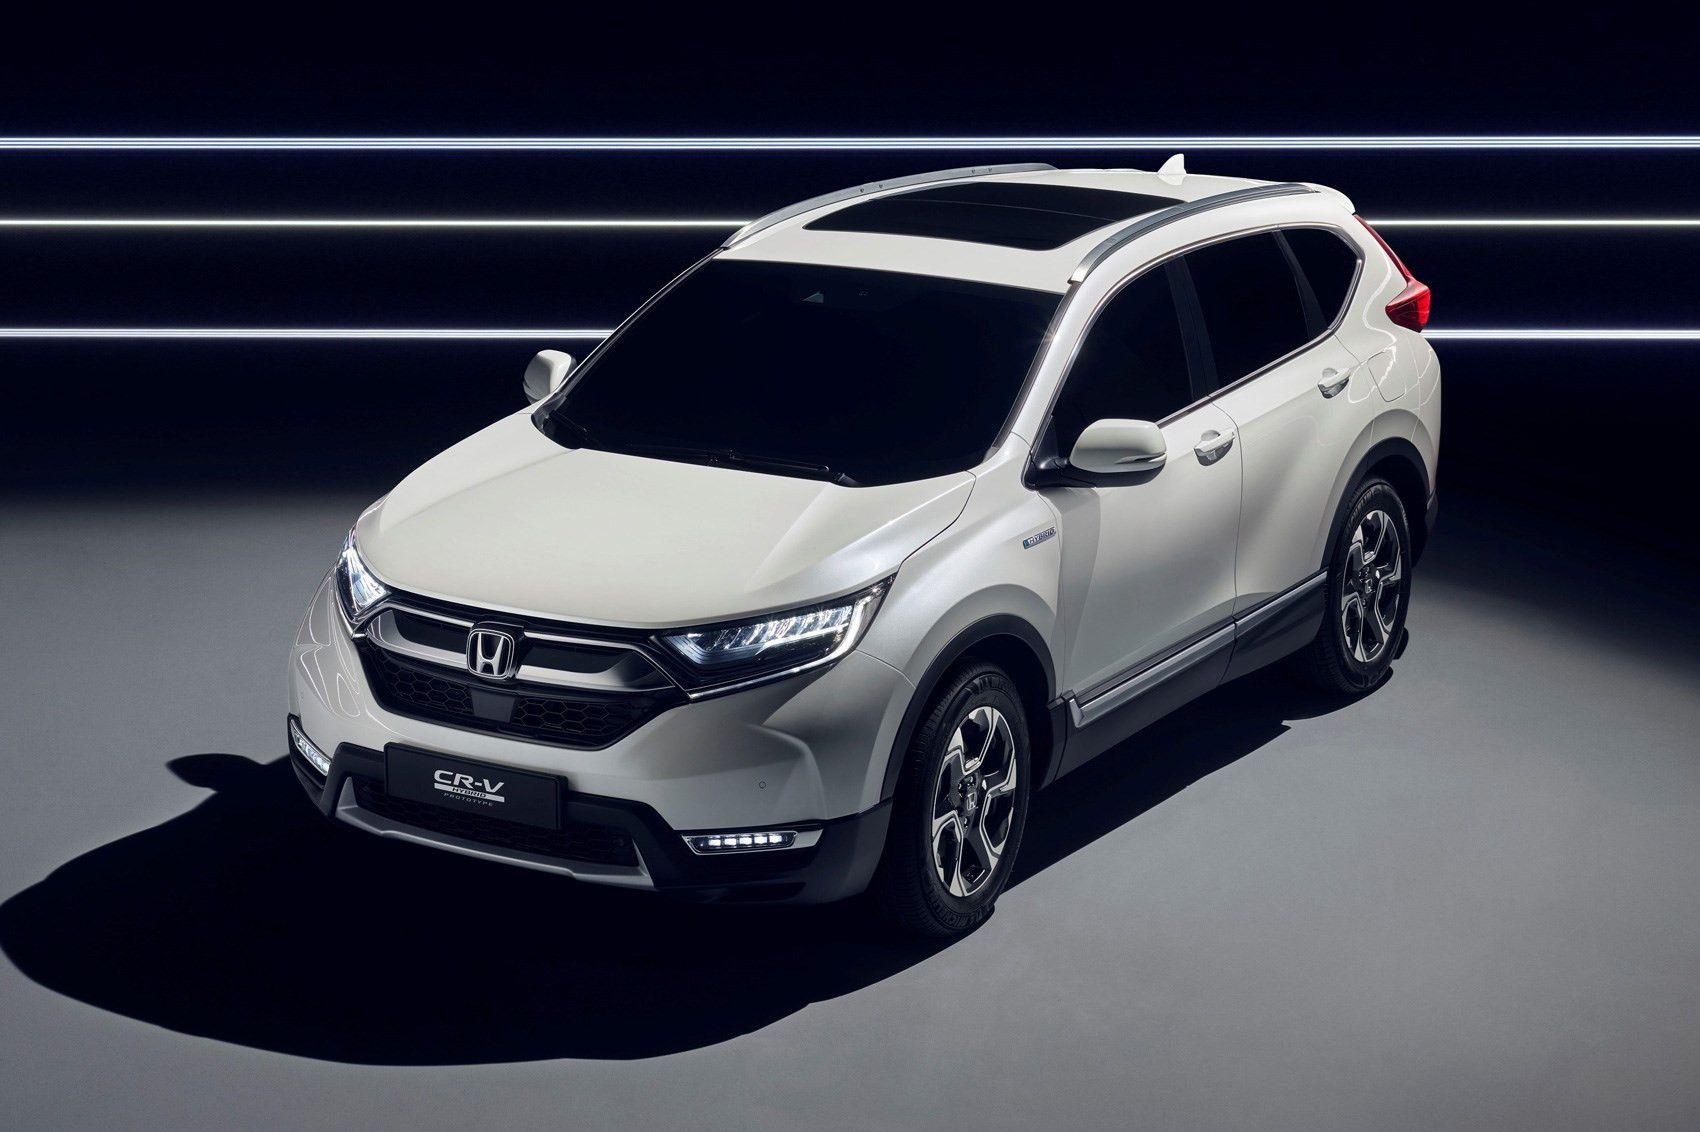 Honda Hrv 2020 Release Date Review For Honda Hrv 2020 Release Date Review Specs And Release Date Di 2020 Honda Mobil Canada